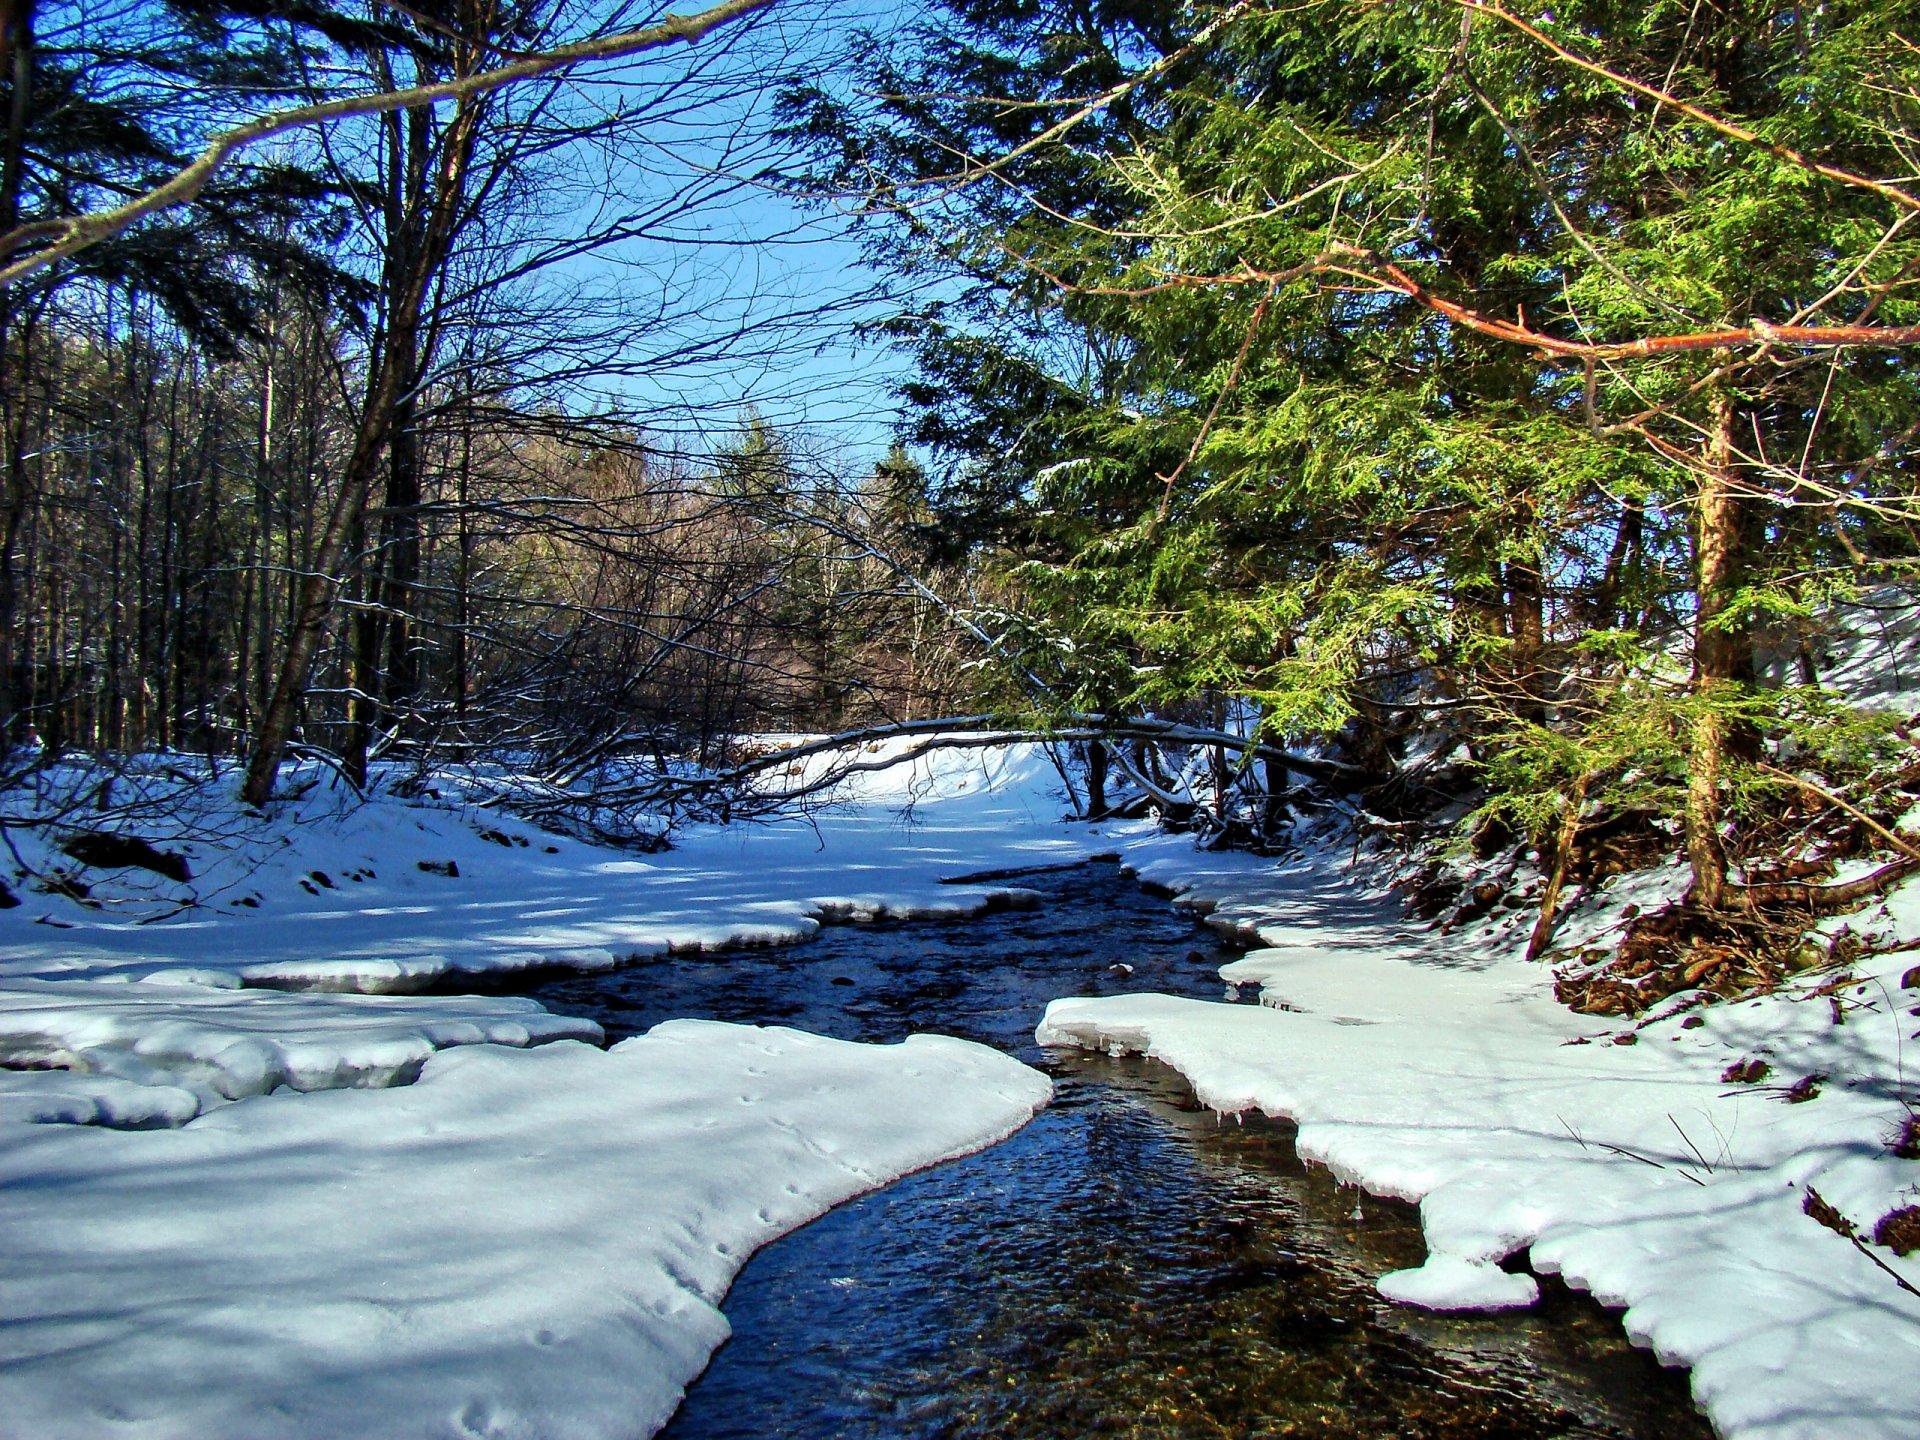 Картинки ручьи весной, своими руками день